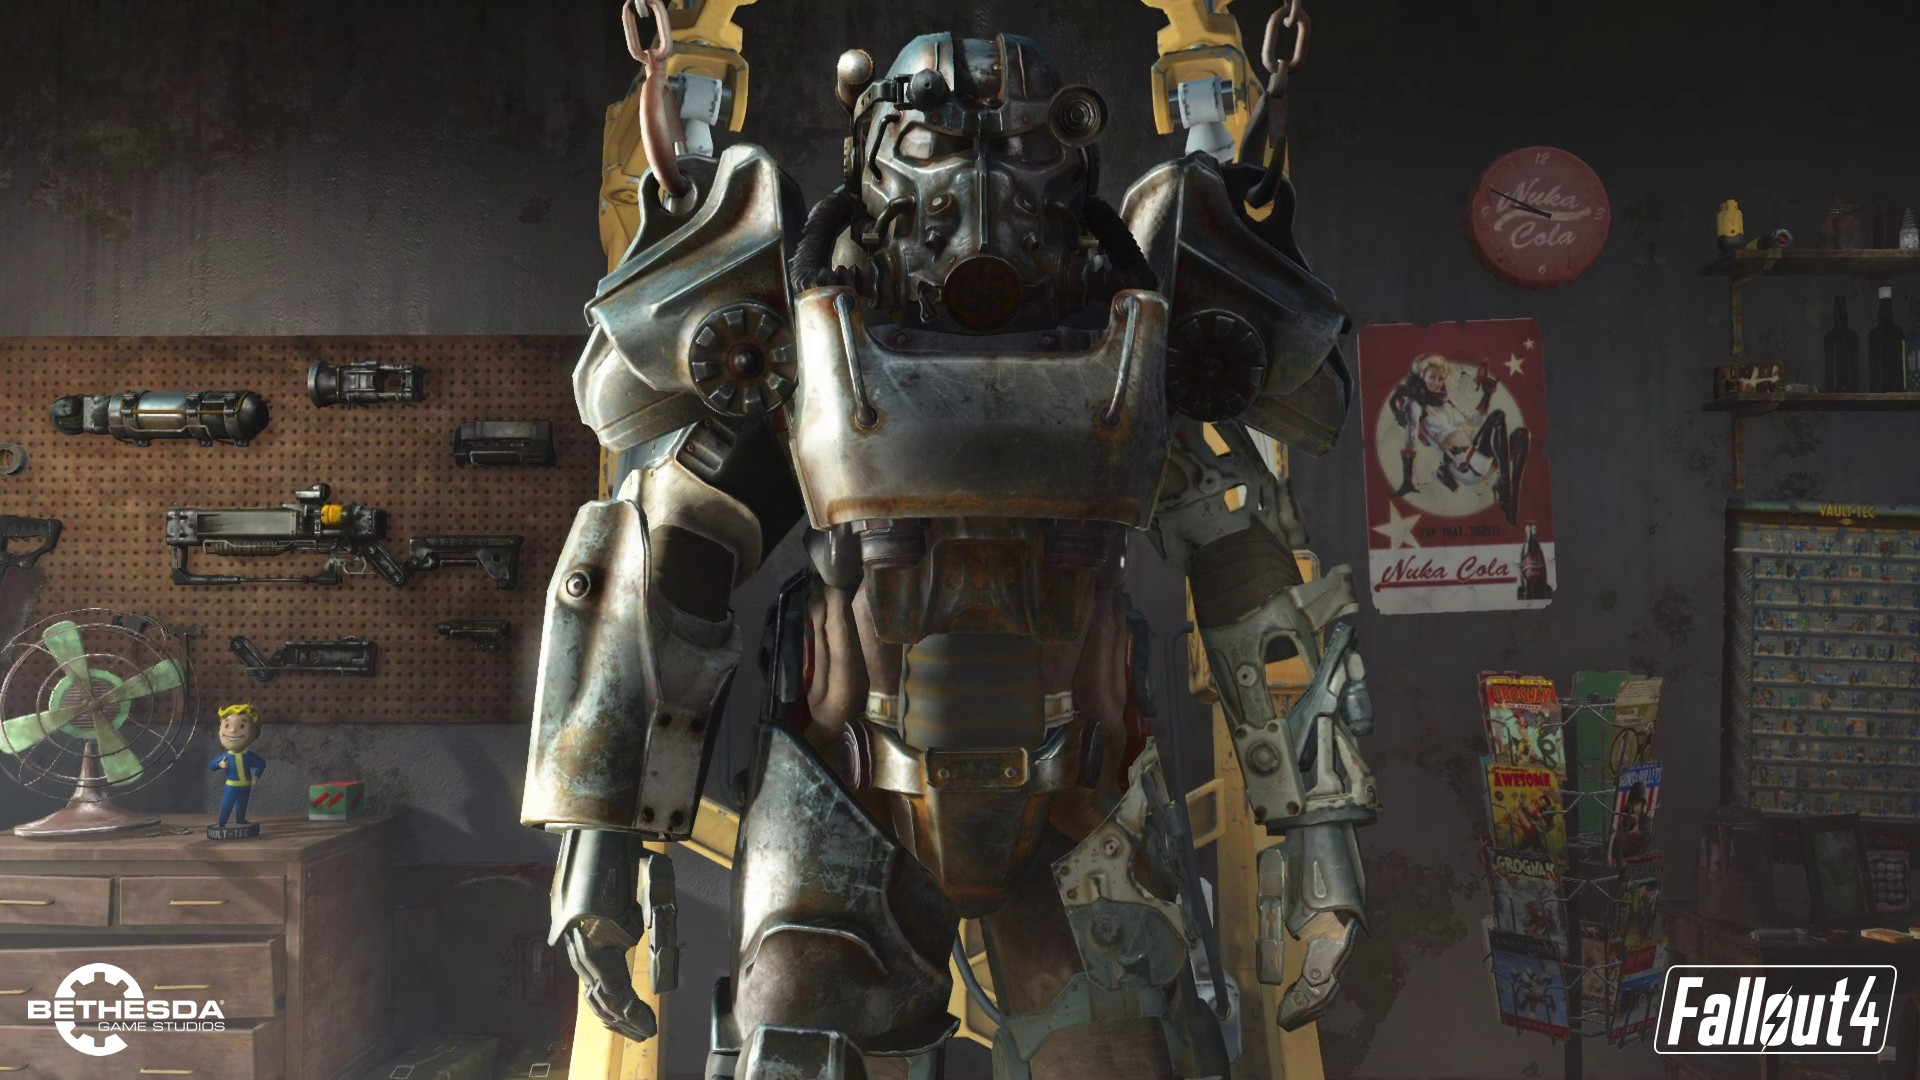 Fallout 4 Wallpaper High Resolution